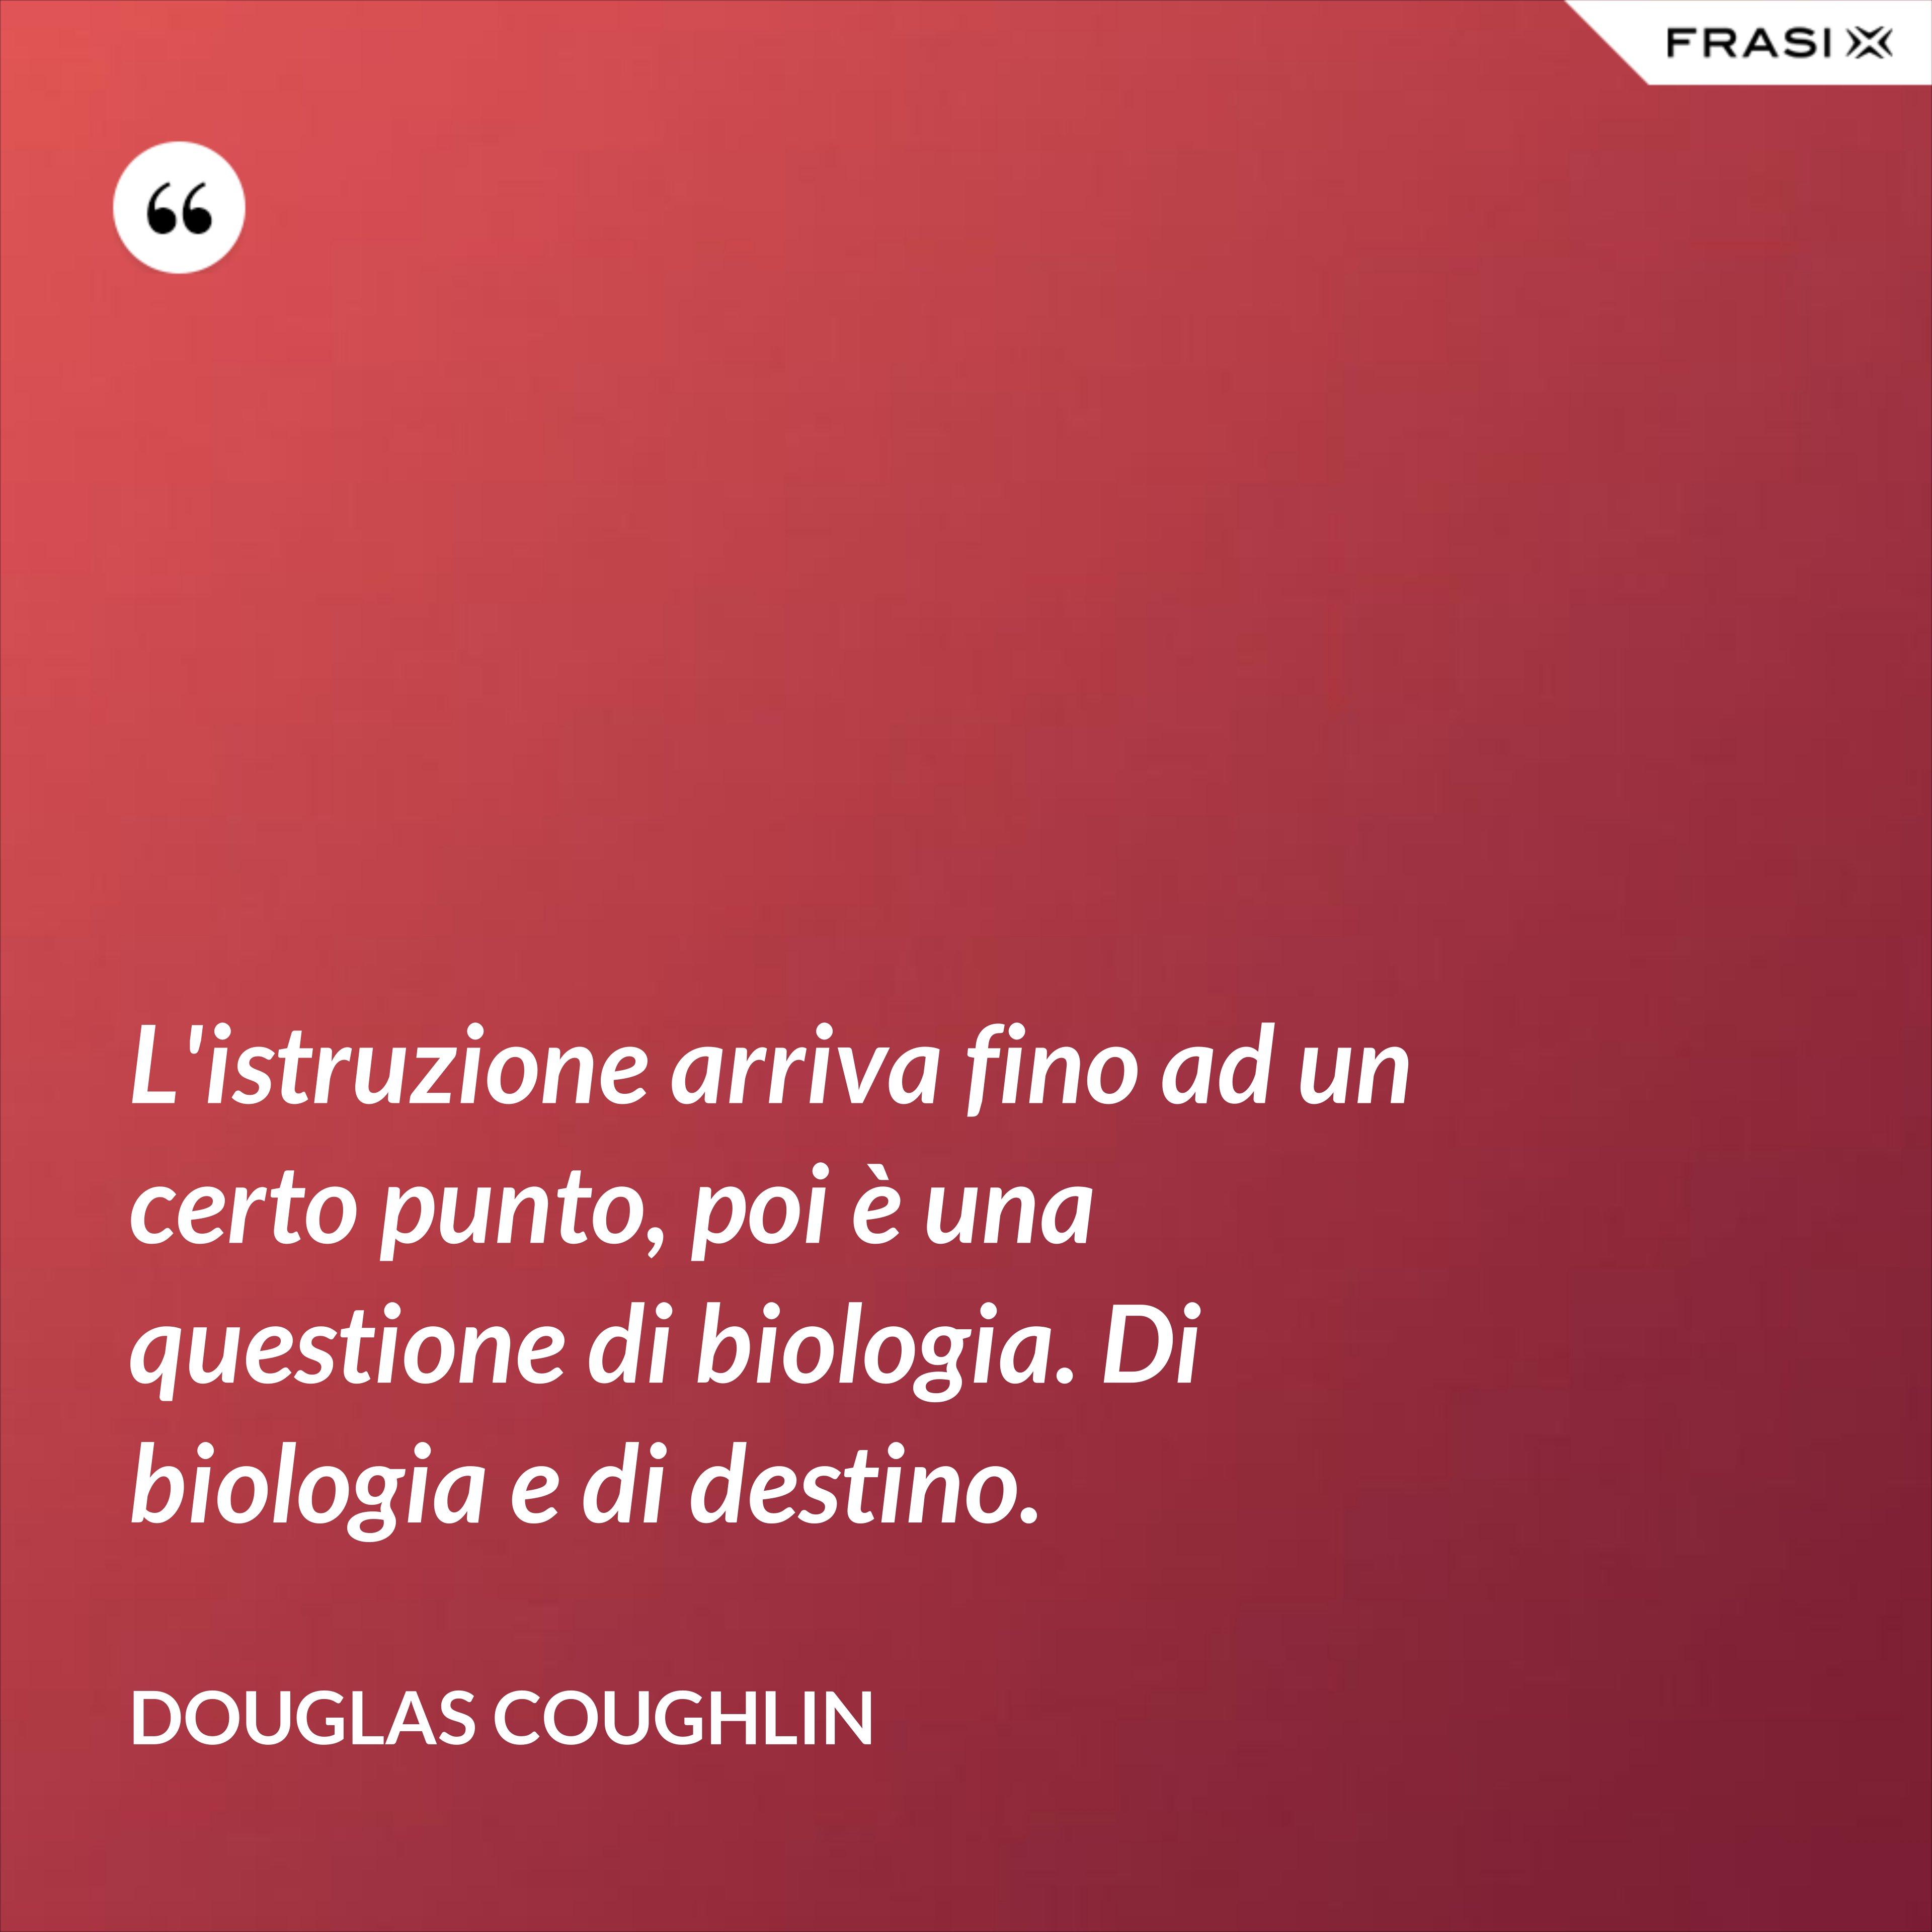 L'istruzione arriva fino ad un certo punto, poi è una questione di biologia. Di biologia e di destino. - Douglas Coughlin